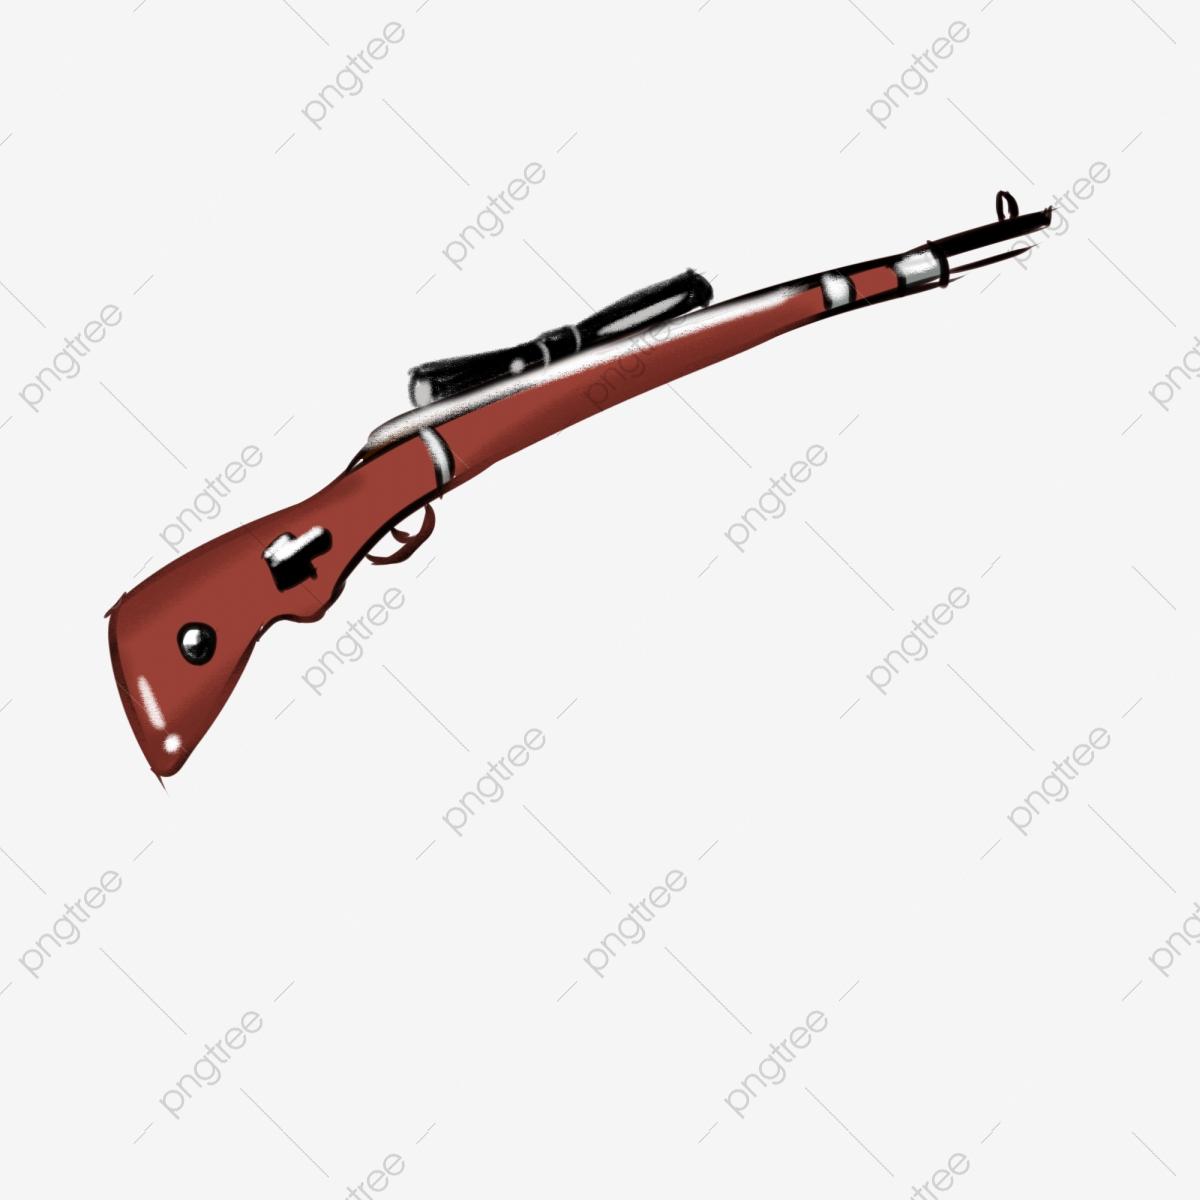 Pistolet Arme De Dessin Outil De Tir Travail Dangereux dedans Comment Dessiner Un Fusil